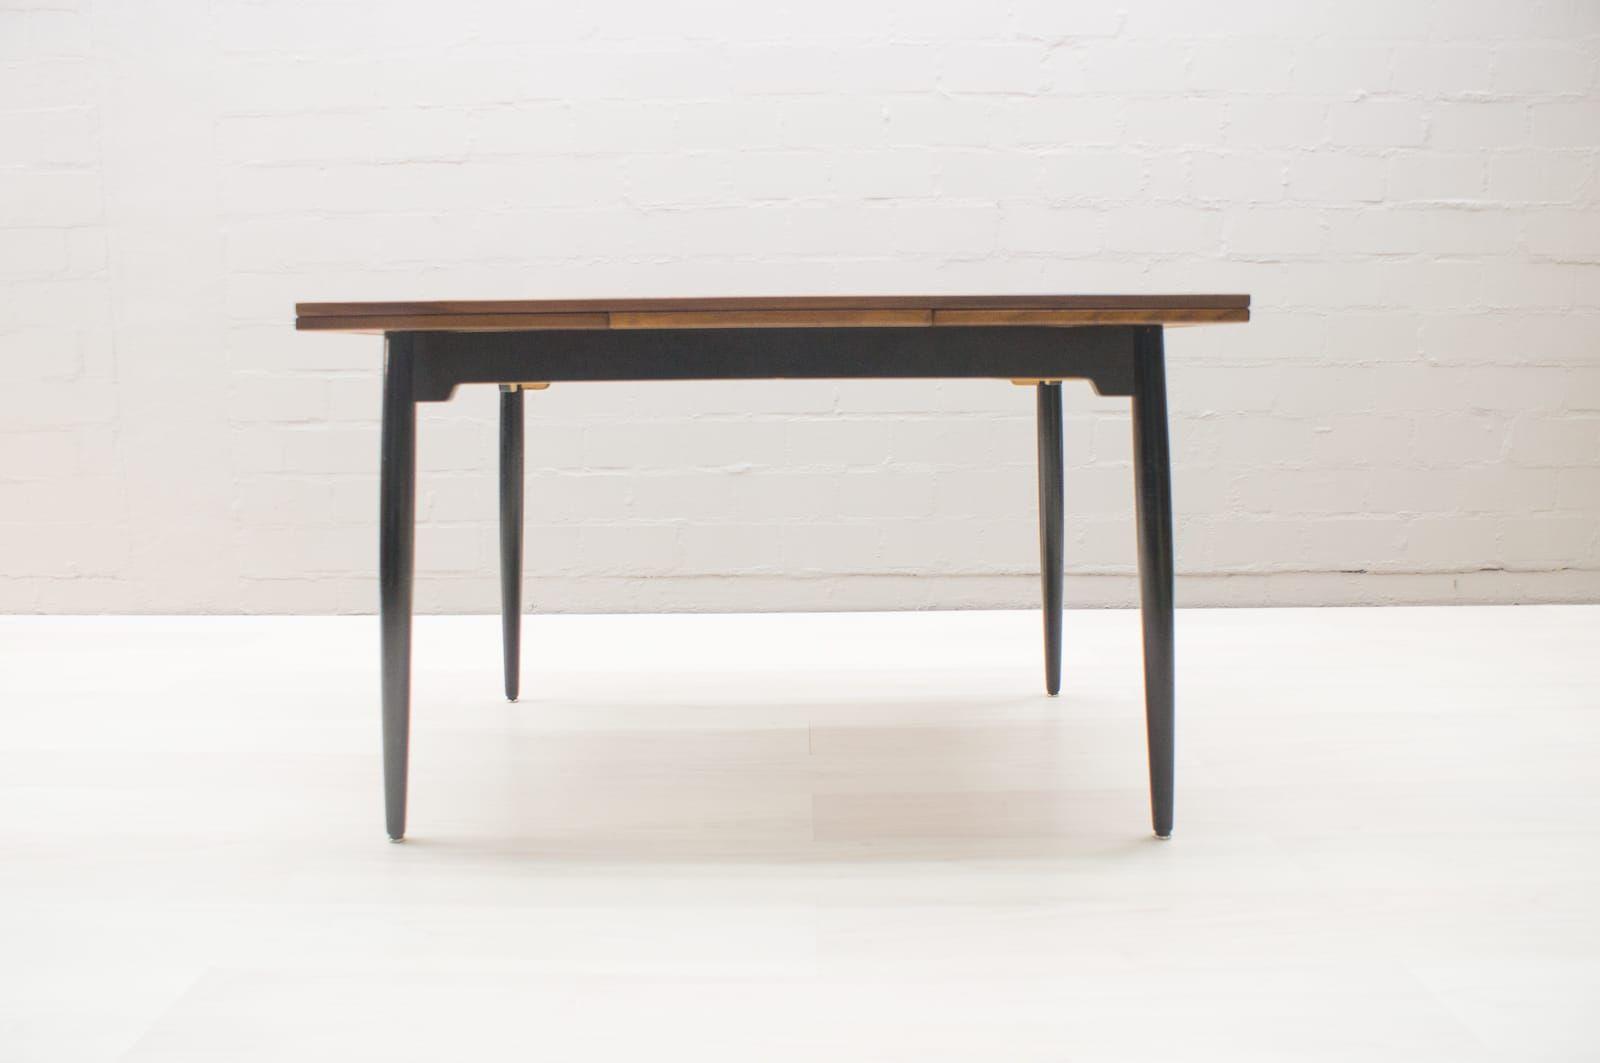 Table de salle manger ajustable fanett par ilmari for Salle a manger annee 1960